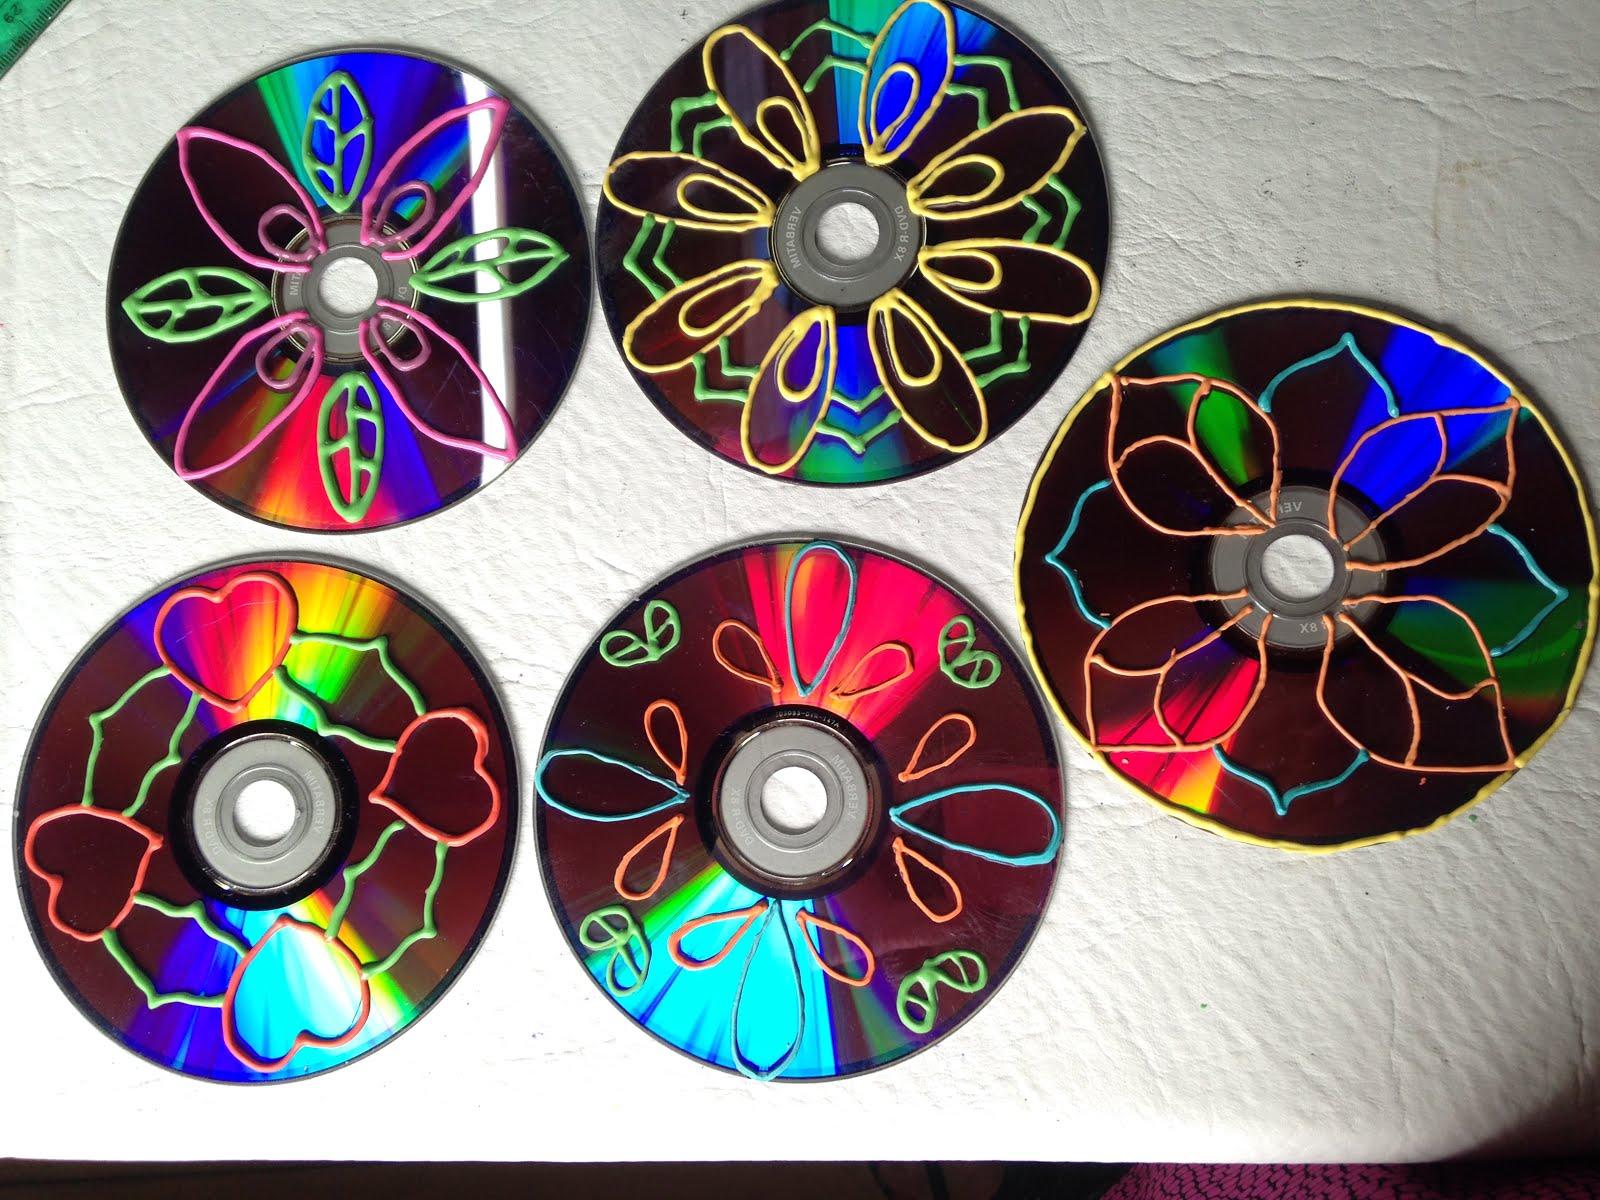 o hacer Adornos de Jard n Reciclando CD s Disfruta Creando